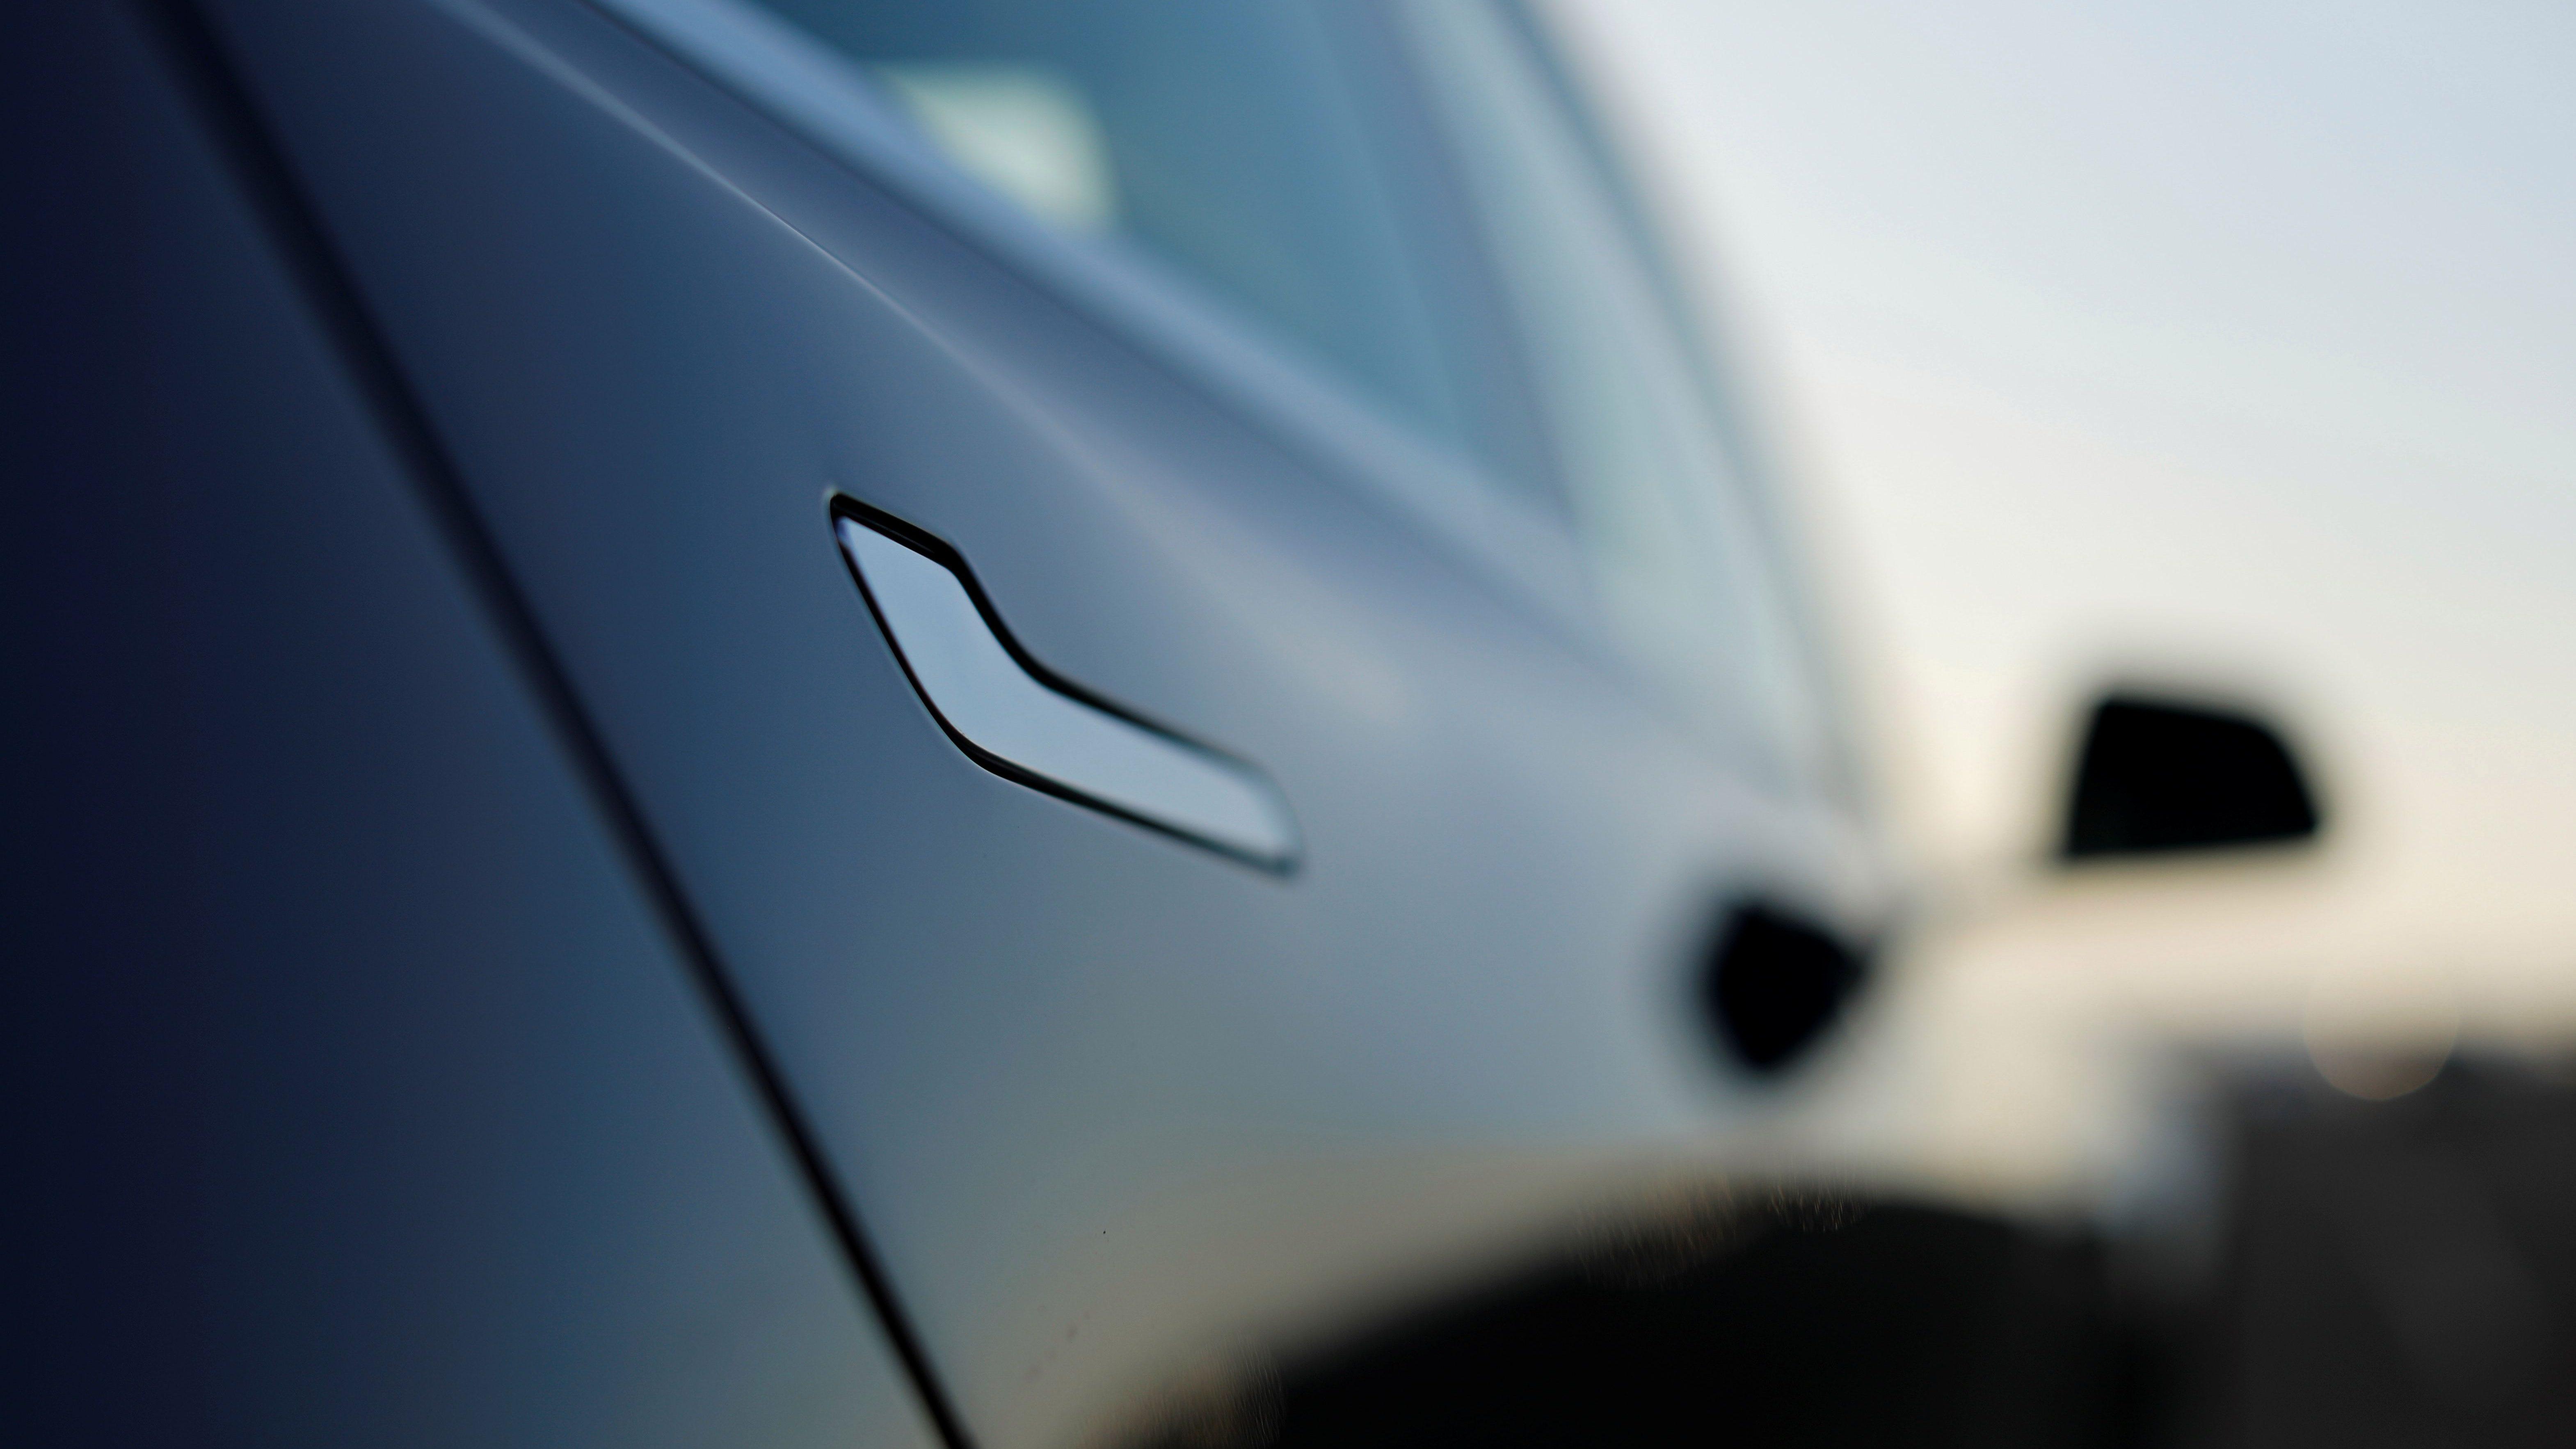 Tesla Model 3 Owners Are Griping About Frozen Door Handles